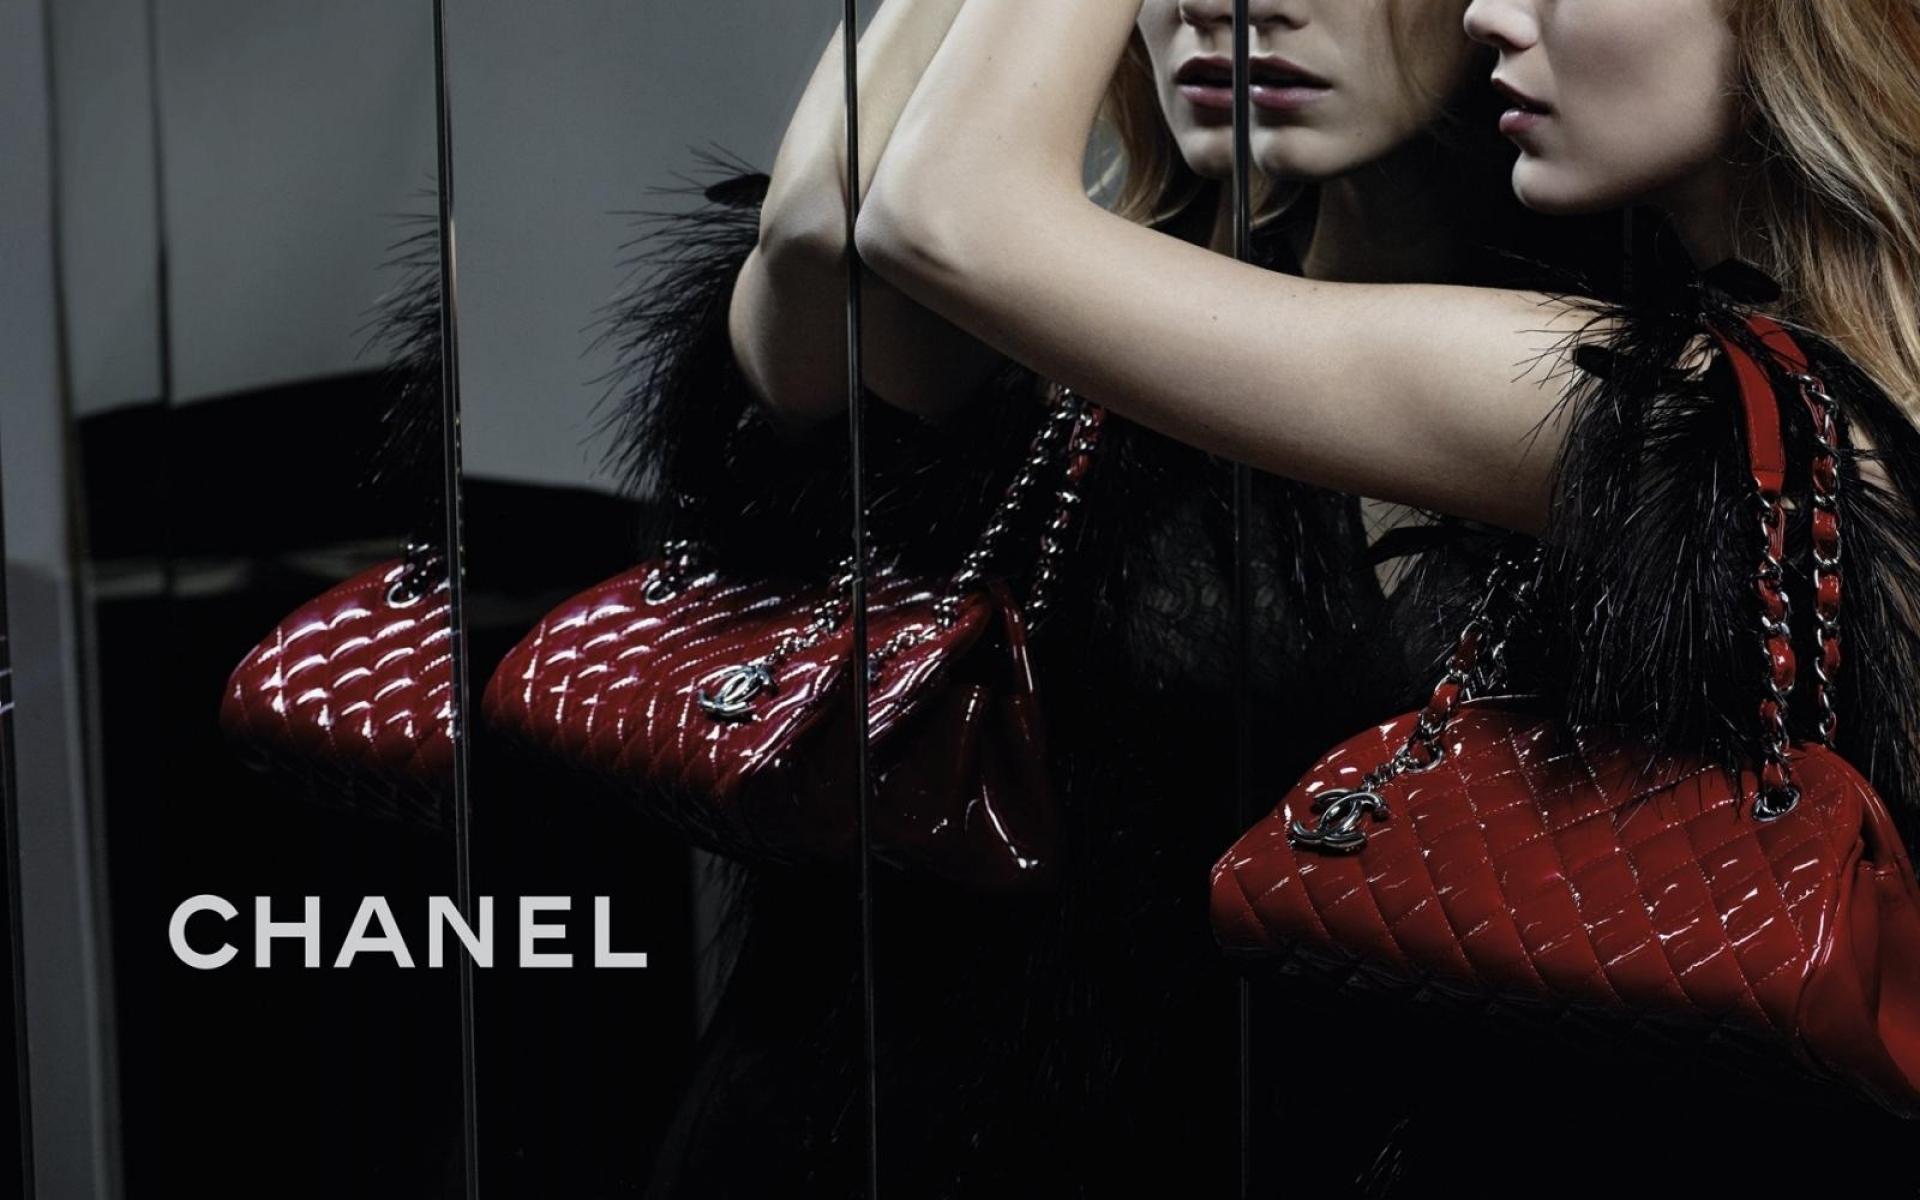 Картинки Chanel, девушка, фото и обои на рабочий стол